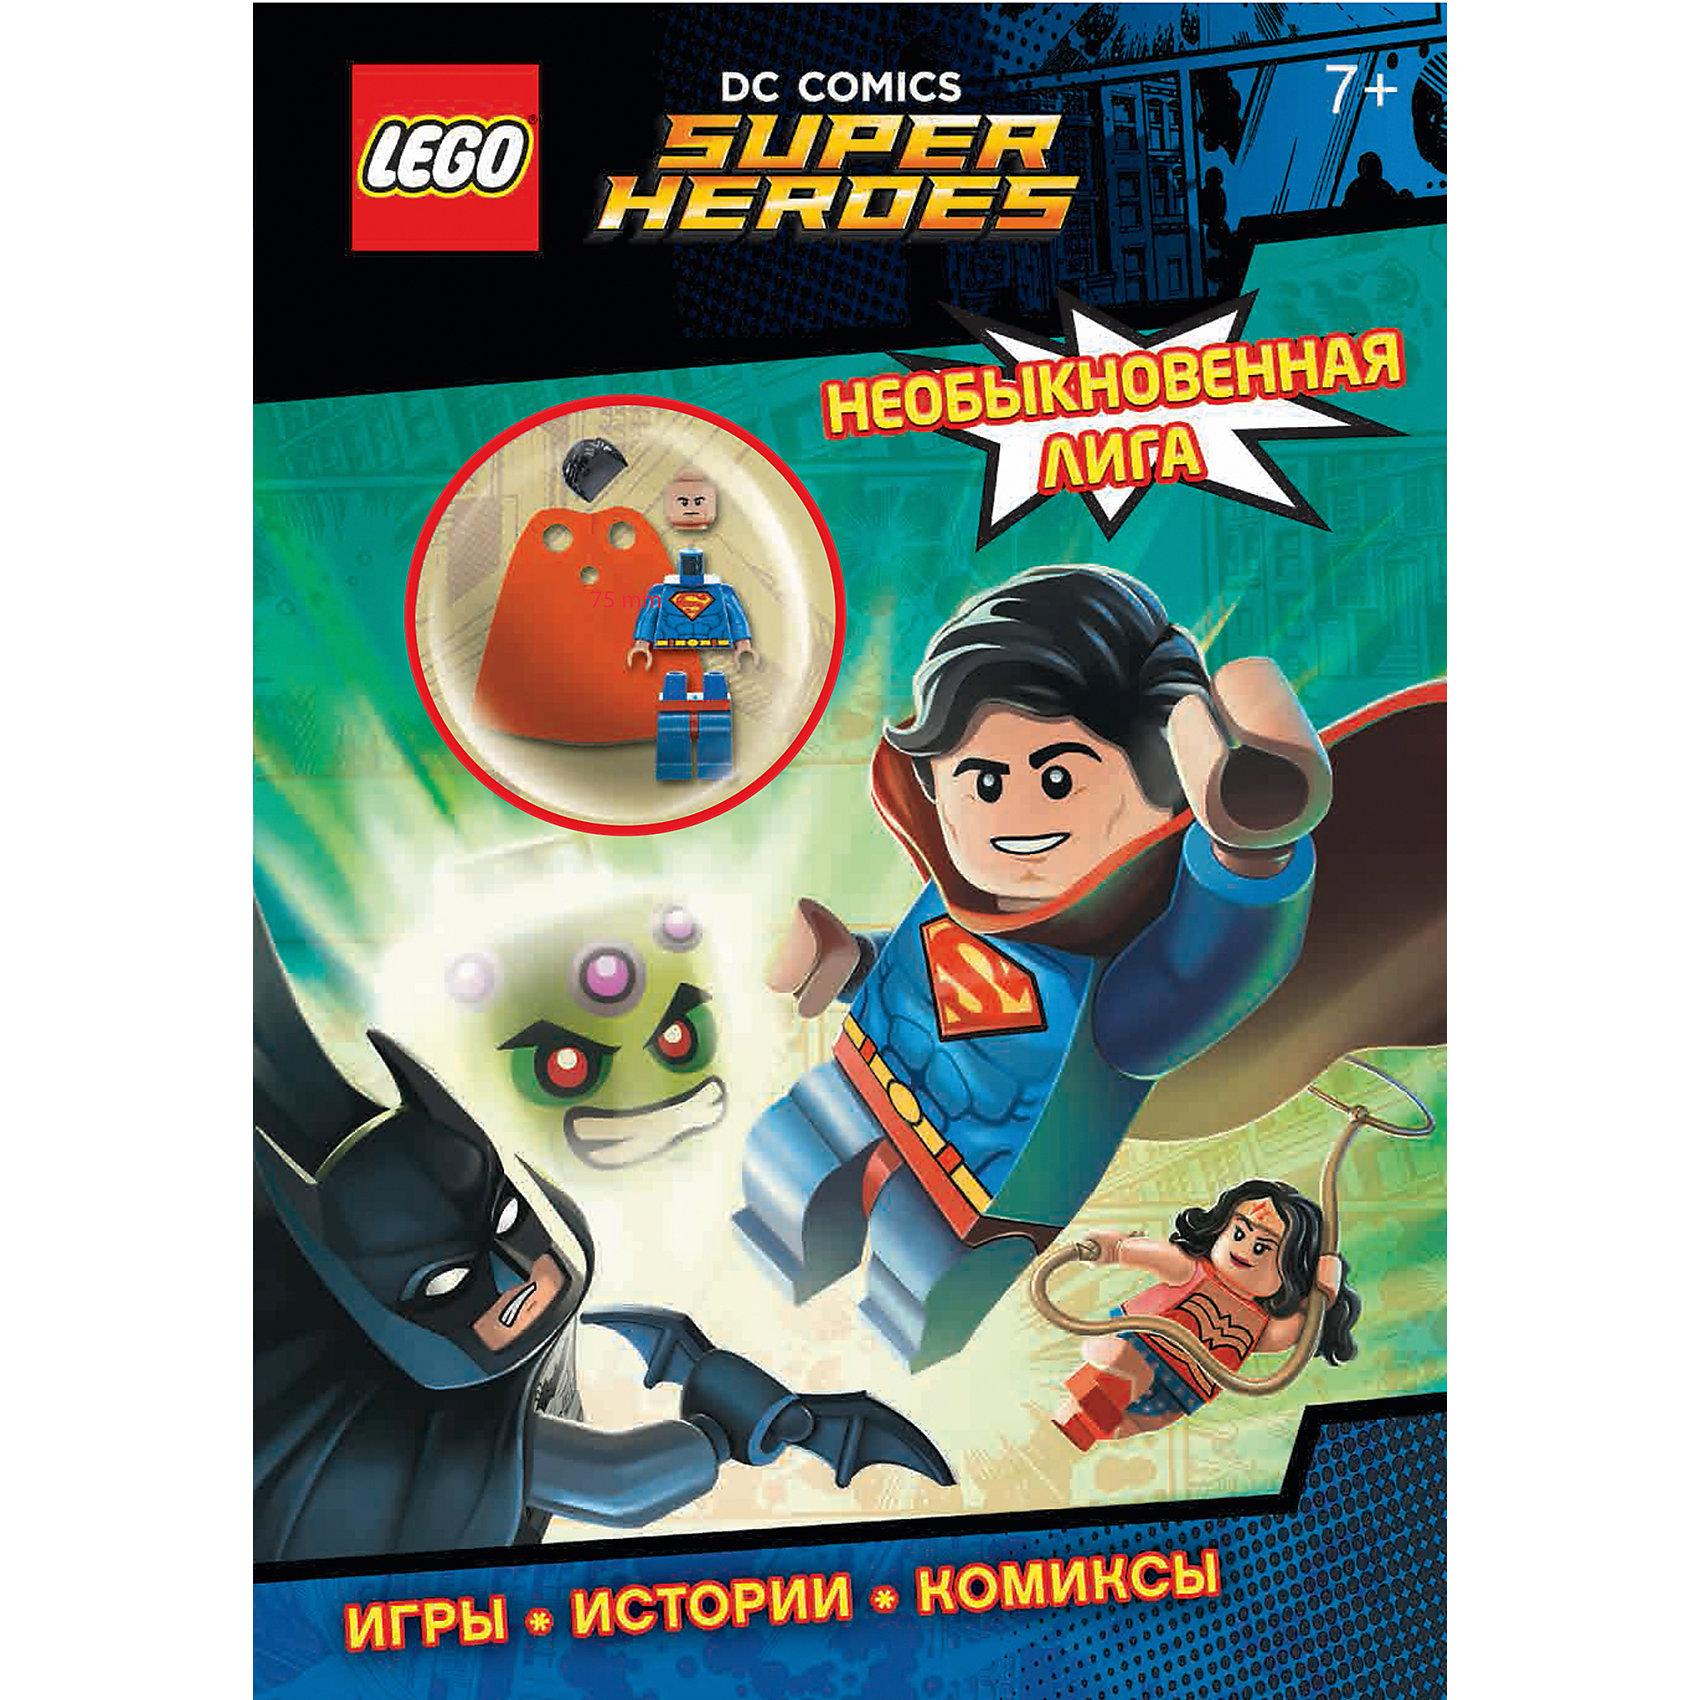 Необыкновенная лига со сборной мини-фигуркой Супермена, LEGO DC ComicLEGO Товары для фанатов<br>ВНИМАНИЕ! ВЫЗЫВАЕМ ЛИГУ СПРАВЕДЛИВОСТИ!<br>Из лечебницы Аркхэм сбежали преступники! Джокер захватил парк развлечений, а Брейниак всё перевернул с ног на голову! Только Лига Справедливости может навести порядок. Супермен летит спасать город, Флэш бежит на помощь, Бэтмен занимается усовершенствованием средств передвижения, а Супергёрл устраивает вечеринку в честь Дня рождения! Всё это в одной потрясающей книге с комиксами и головоломками!<br><br>Ширина мм: 280<br>Глубина мм: 210<br>Высота мм: 50<br>Вес г: 174<br>Возраст от месяцев: 72<br>Возраст до месяцев: 2147483647<br>Пол: Унисекс<br>Возраст: Детский<br>SKU: 5535443